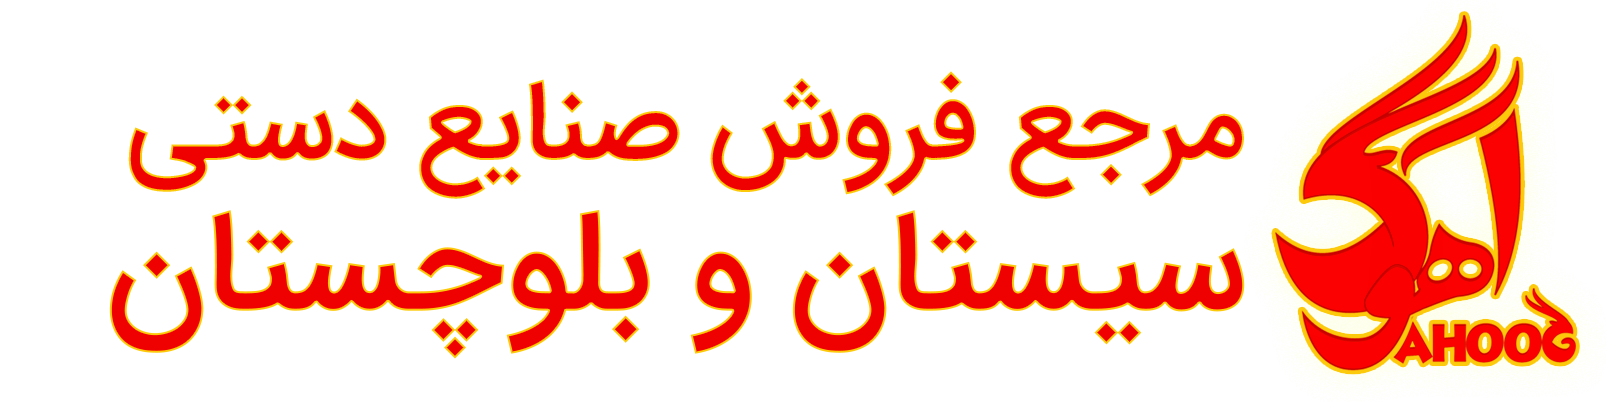 لوگوی آهوگ